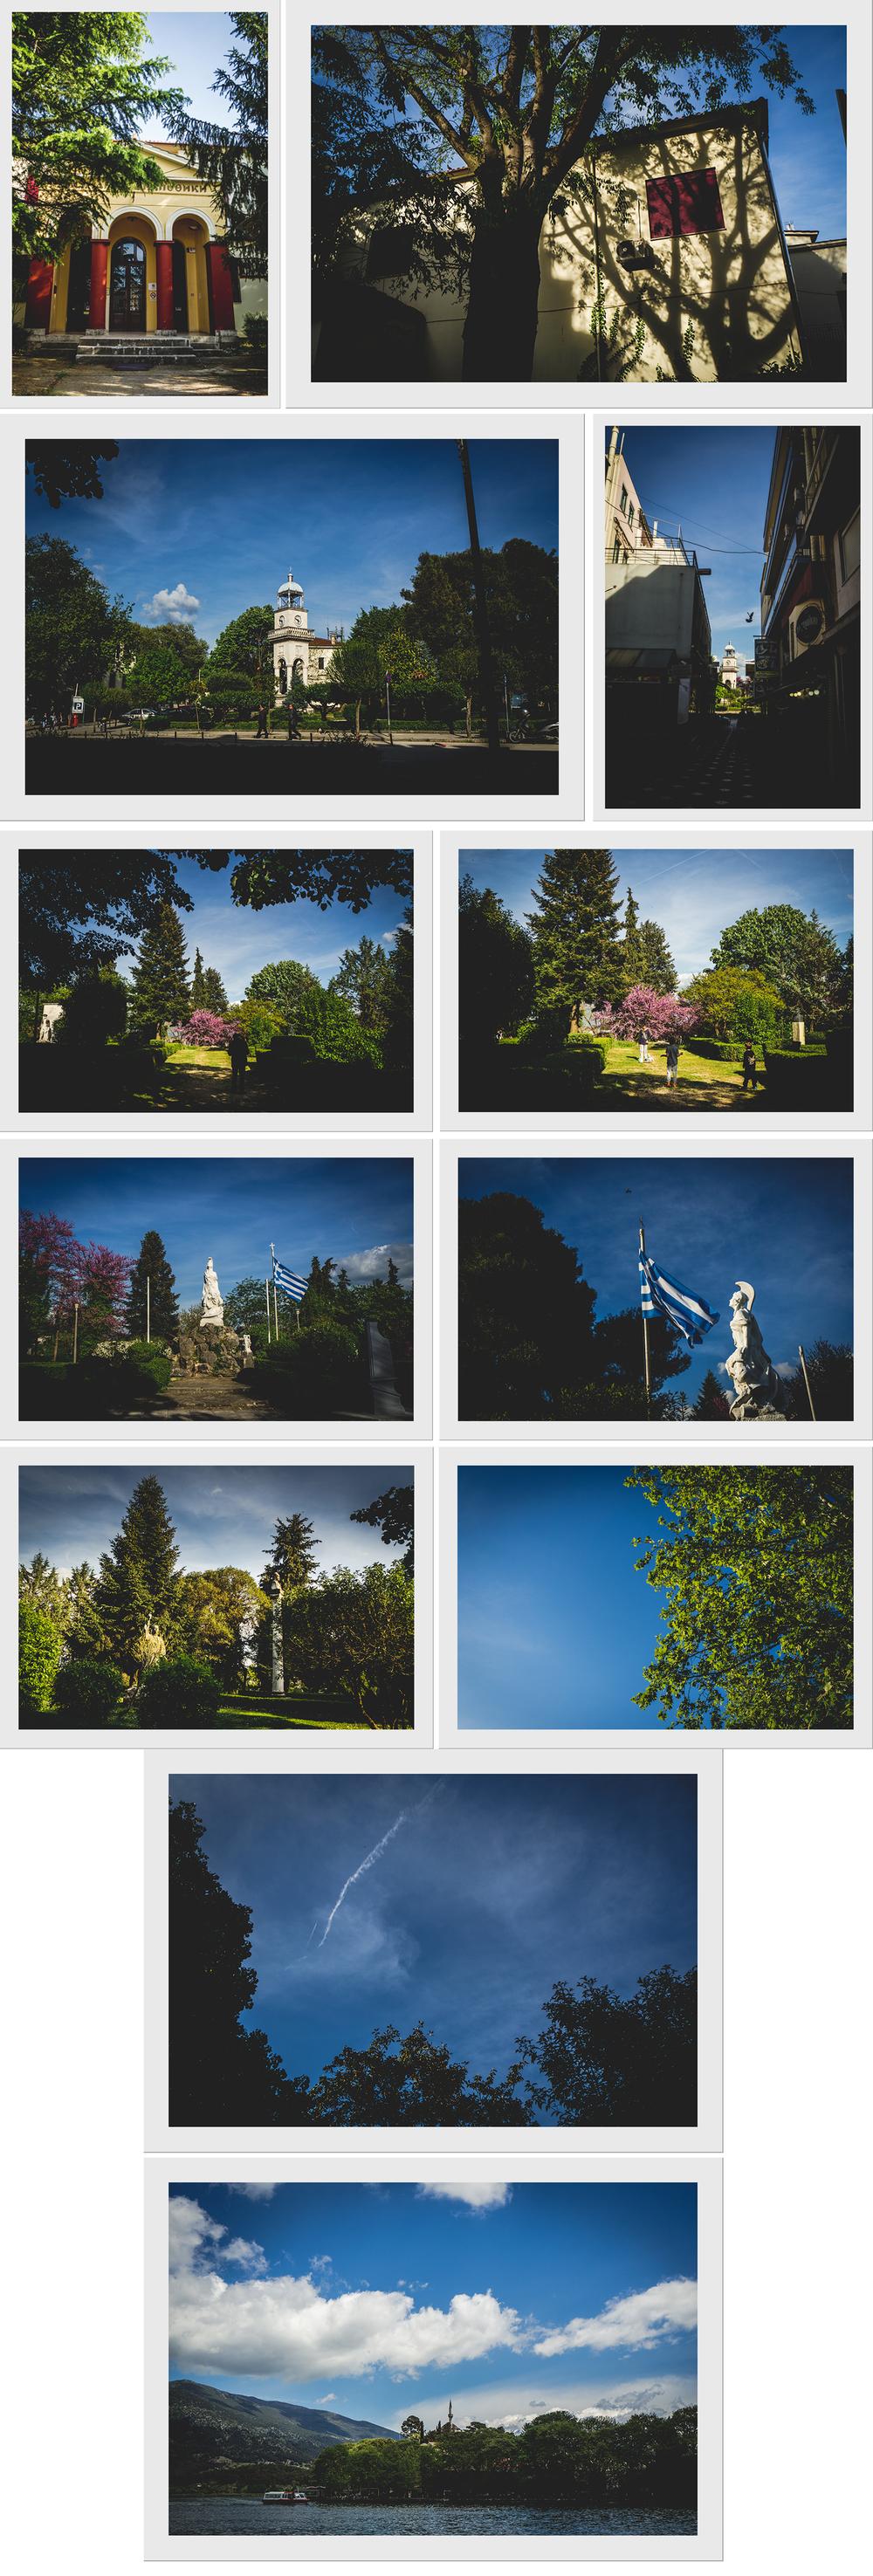 IOANNIS ANDRIOPOULOS PHOTOGRAPHY ARTA IOANNINA 11.jpg